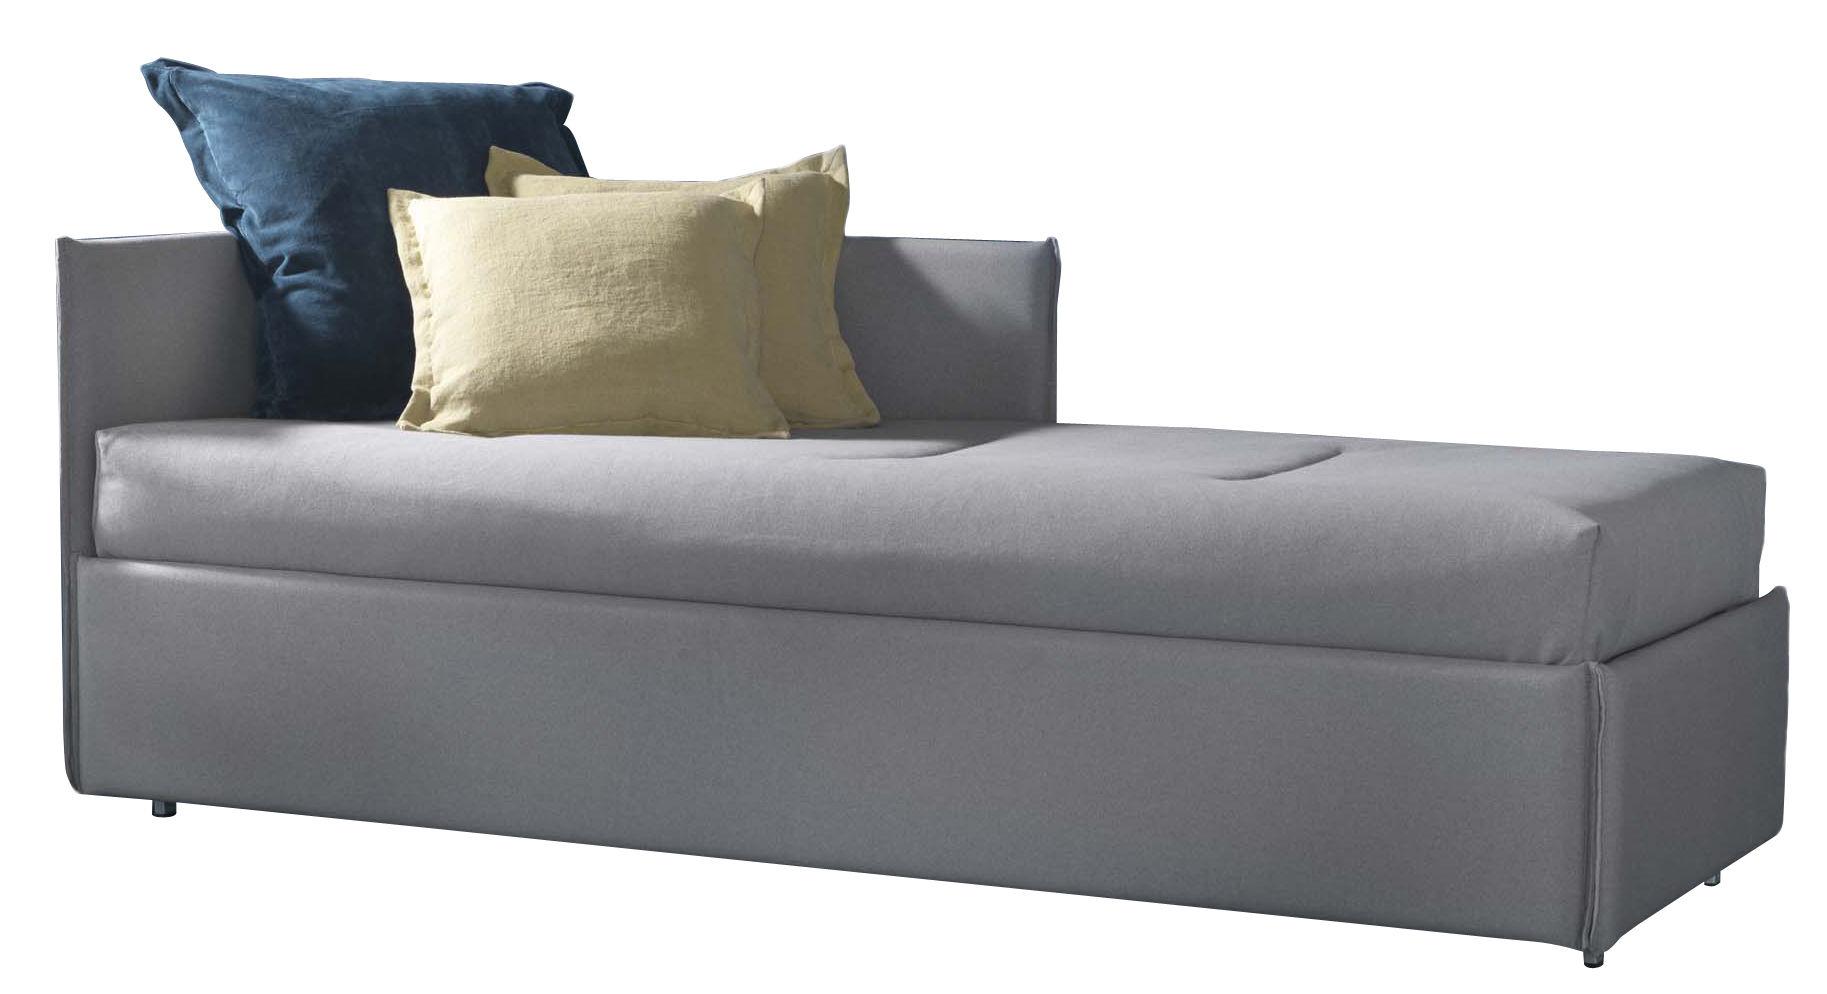 Mobilier - Lits - Banquette Manhattan / Convertible - 80 x 190 cm - Dorelan - Gris - Coton